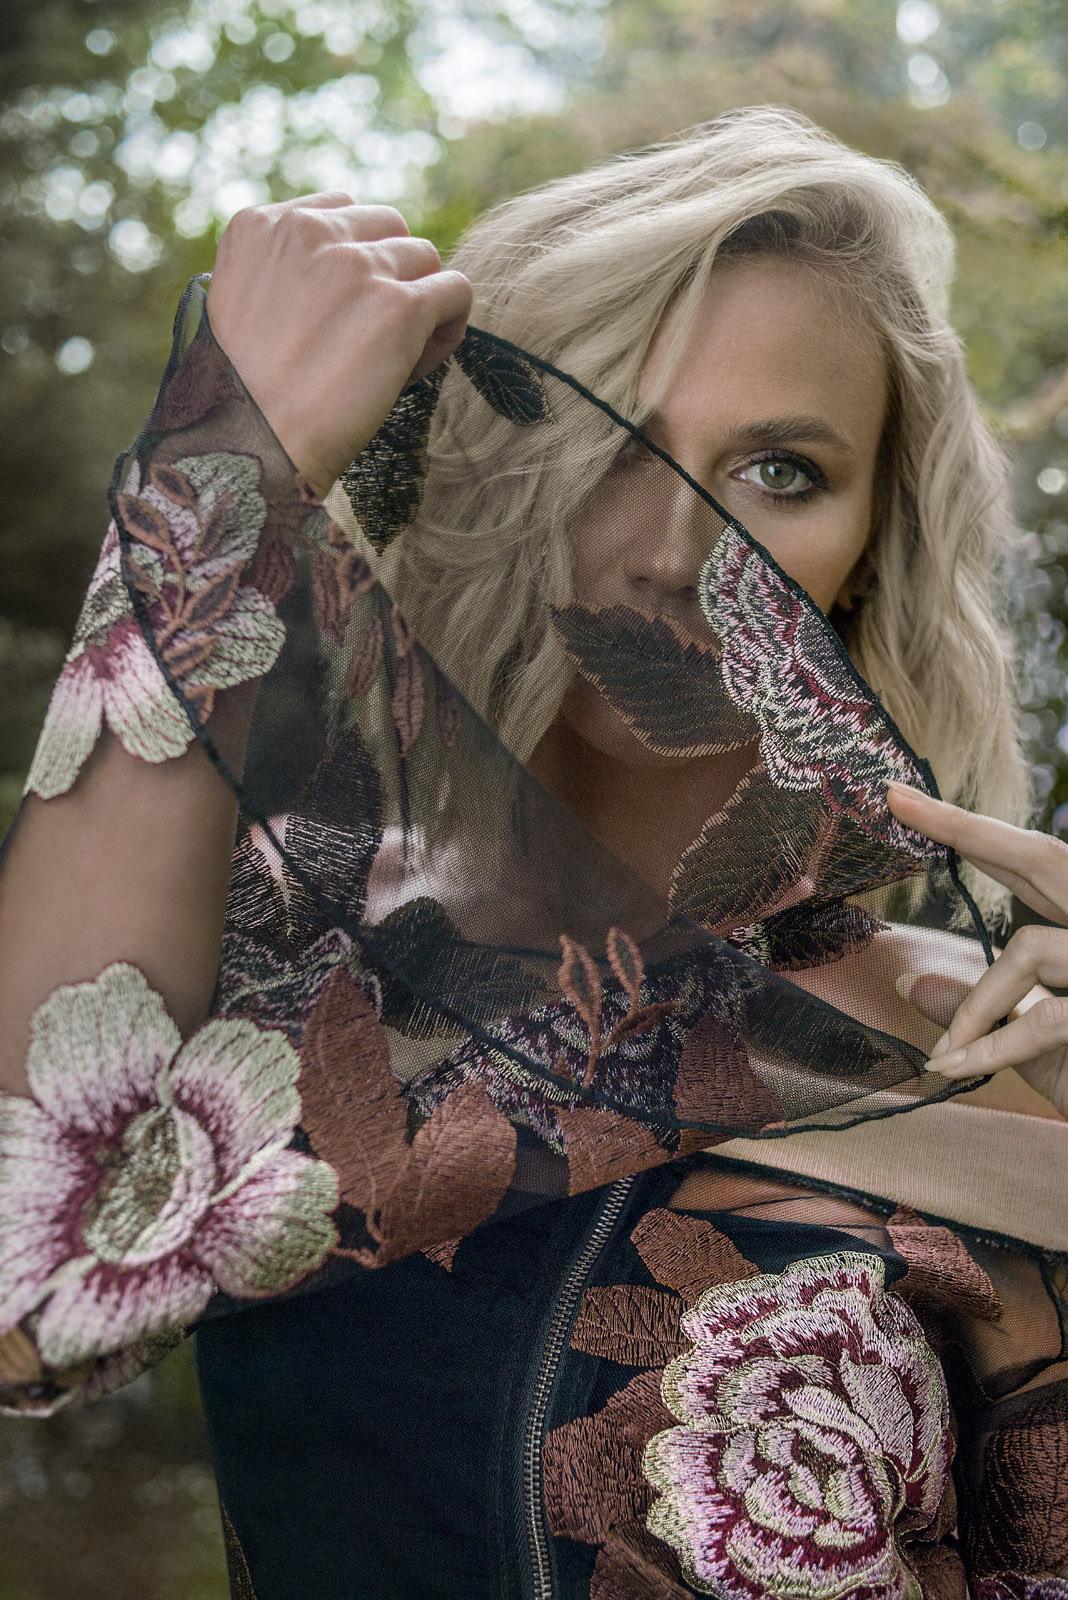 Tratamento de imagem  Ilustração Photoshop Prova Digital retouch retoucher digital retoucher  Bana Bana